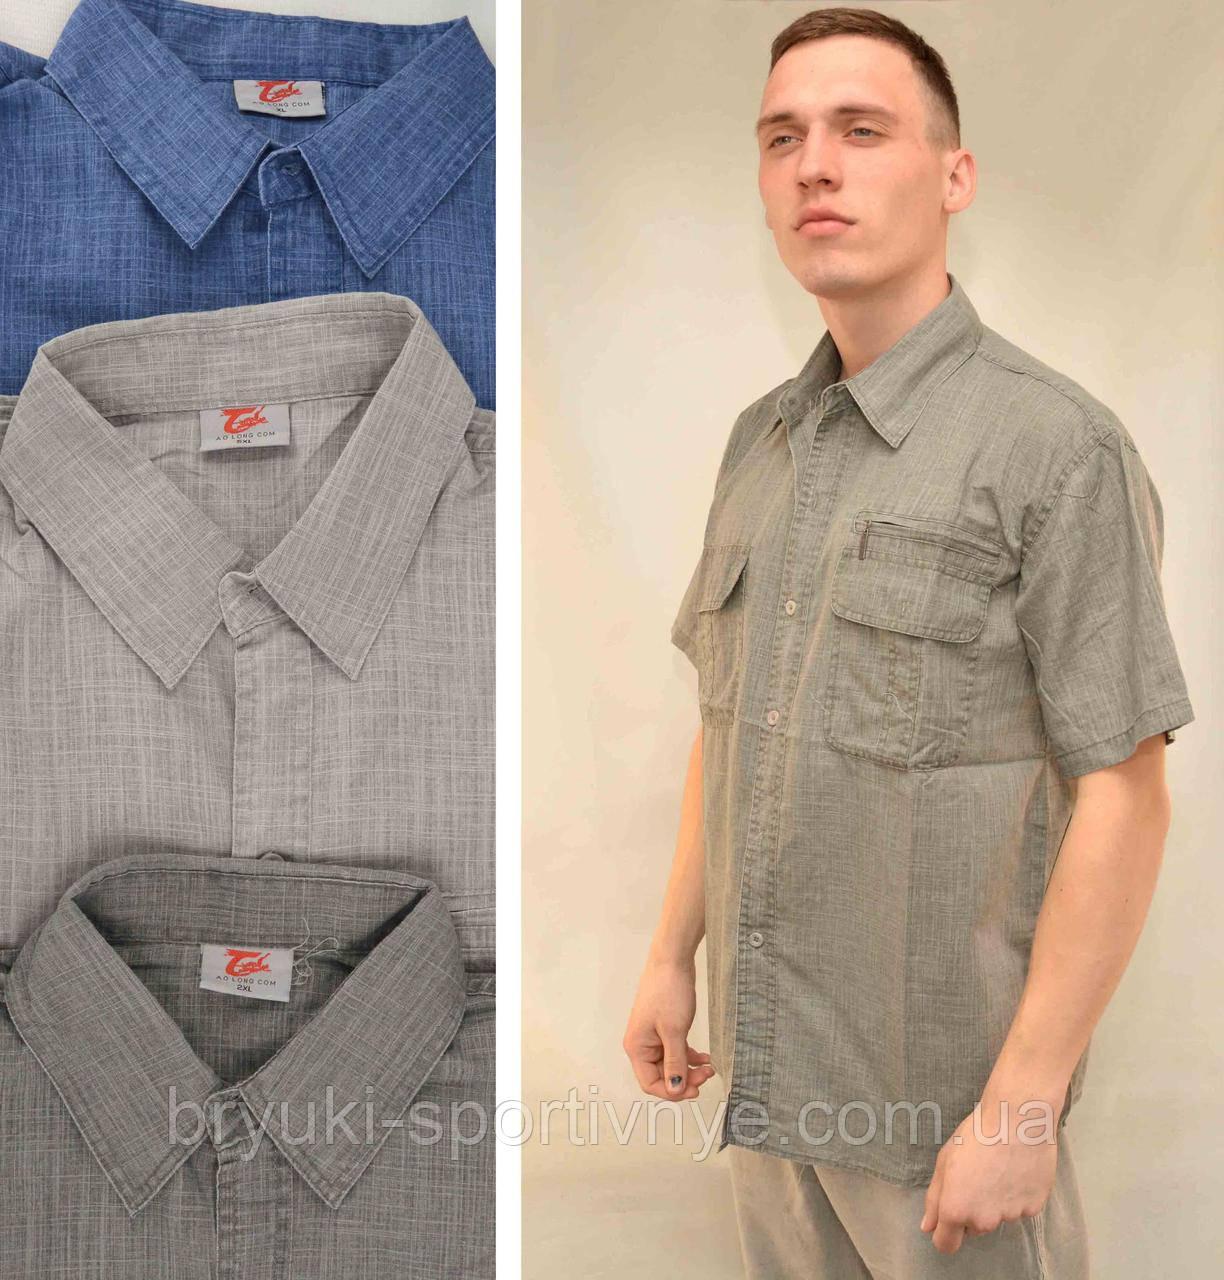 Рубашка мужская льняная с коротким рукавом и в хороших размерах